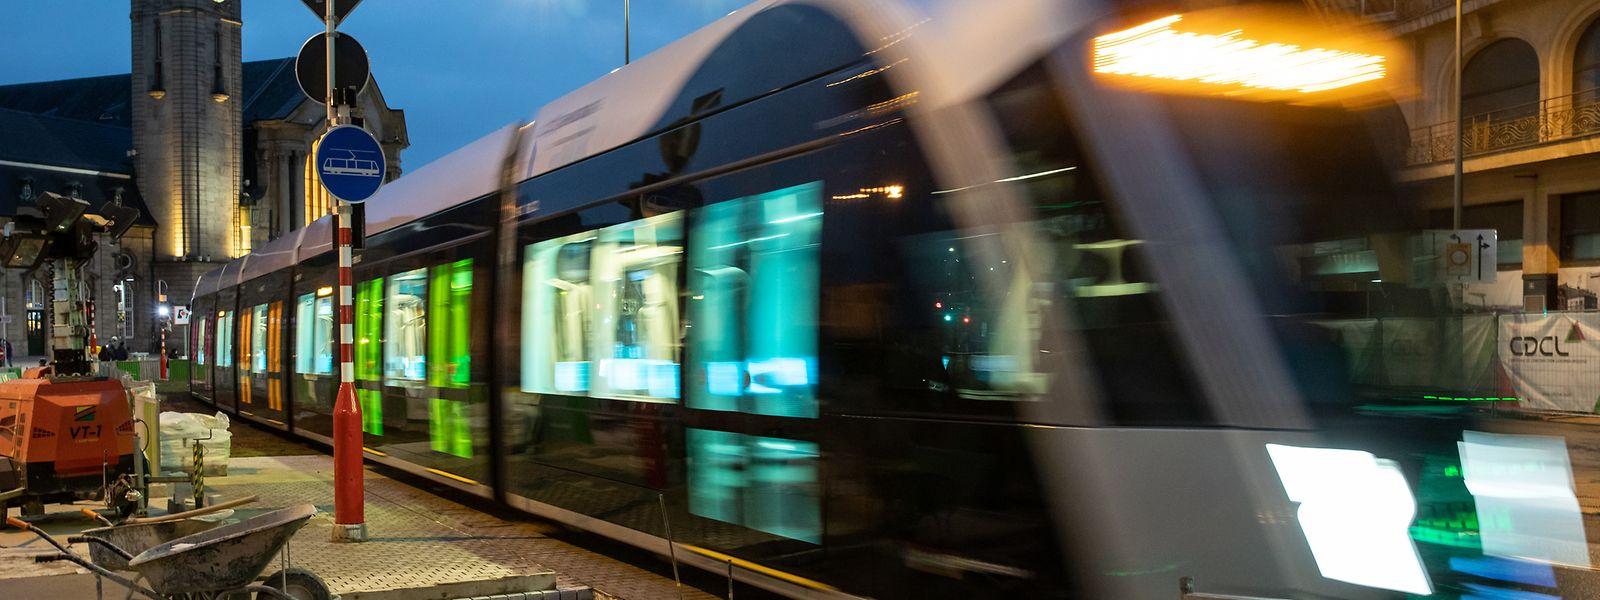 Neuer Anblick, hier bei Nacht: Schon seit einigen Wochen ist die Tram am Boulevard Royal und in der Avenue de la Liberté auf Probefahrt.